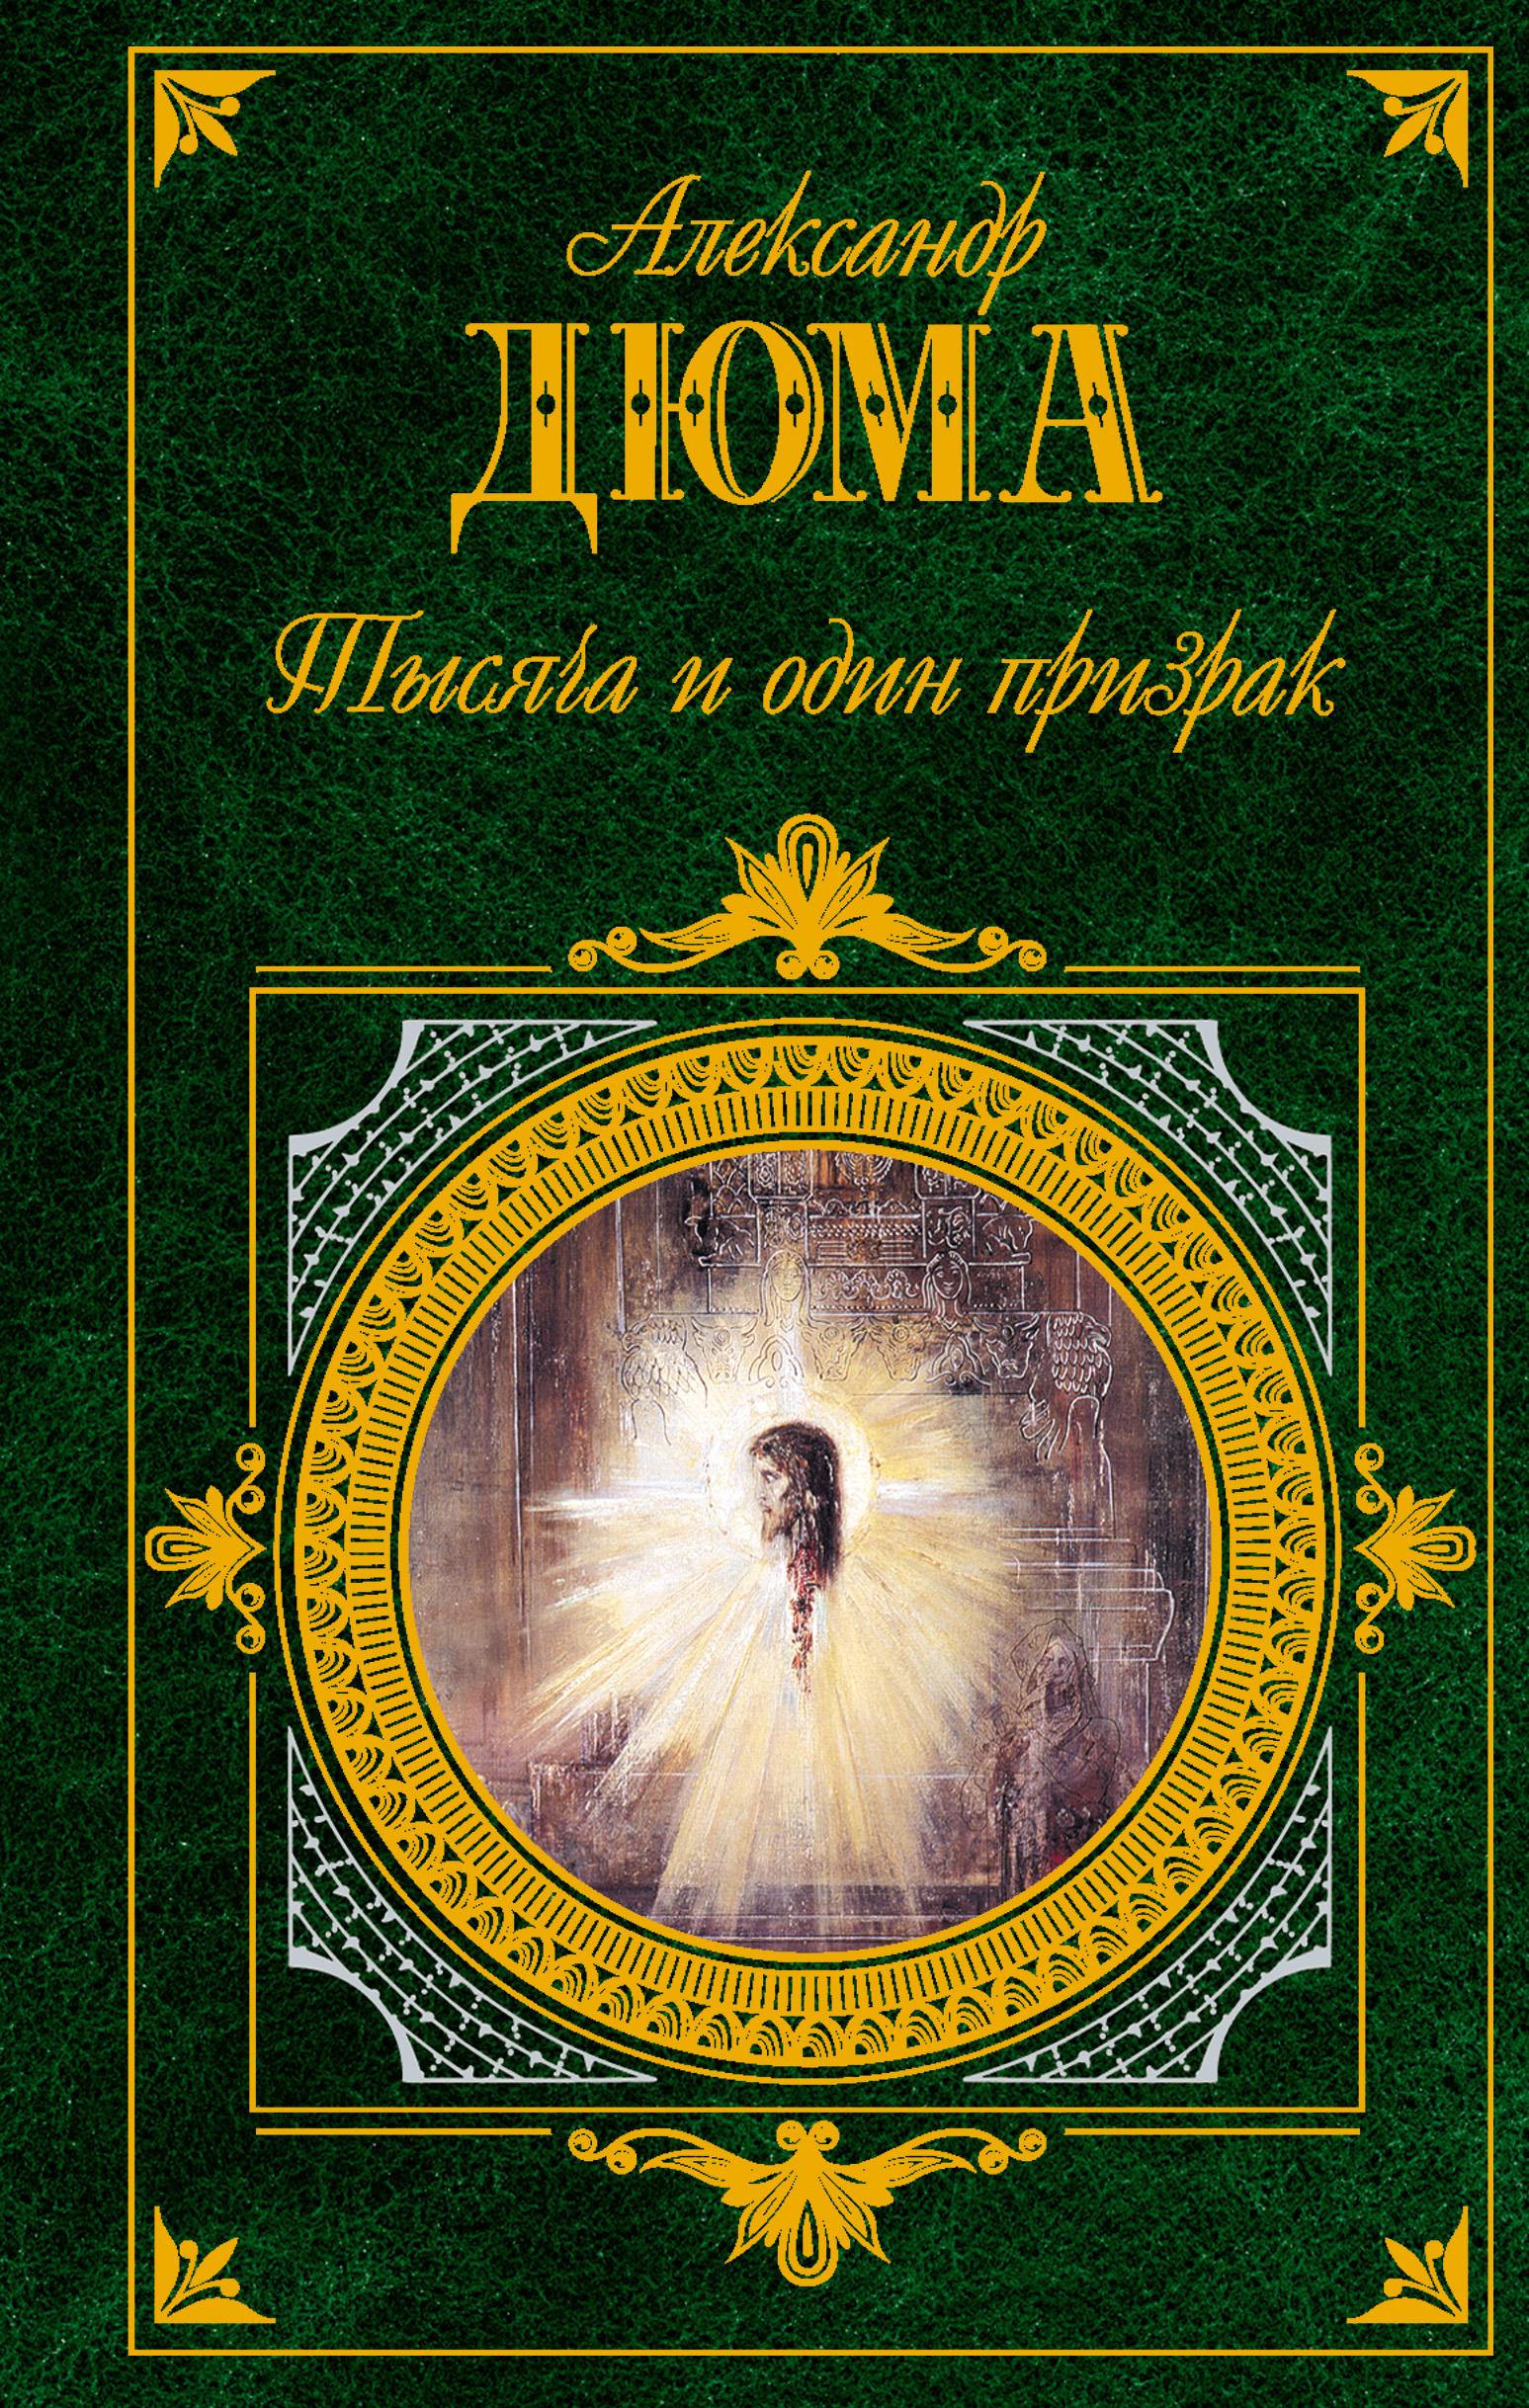 Александр Дюма Тысяча и один призрак эксмо жених призрак собрание мистических историй